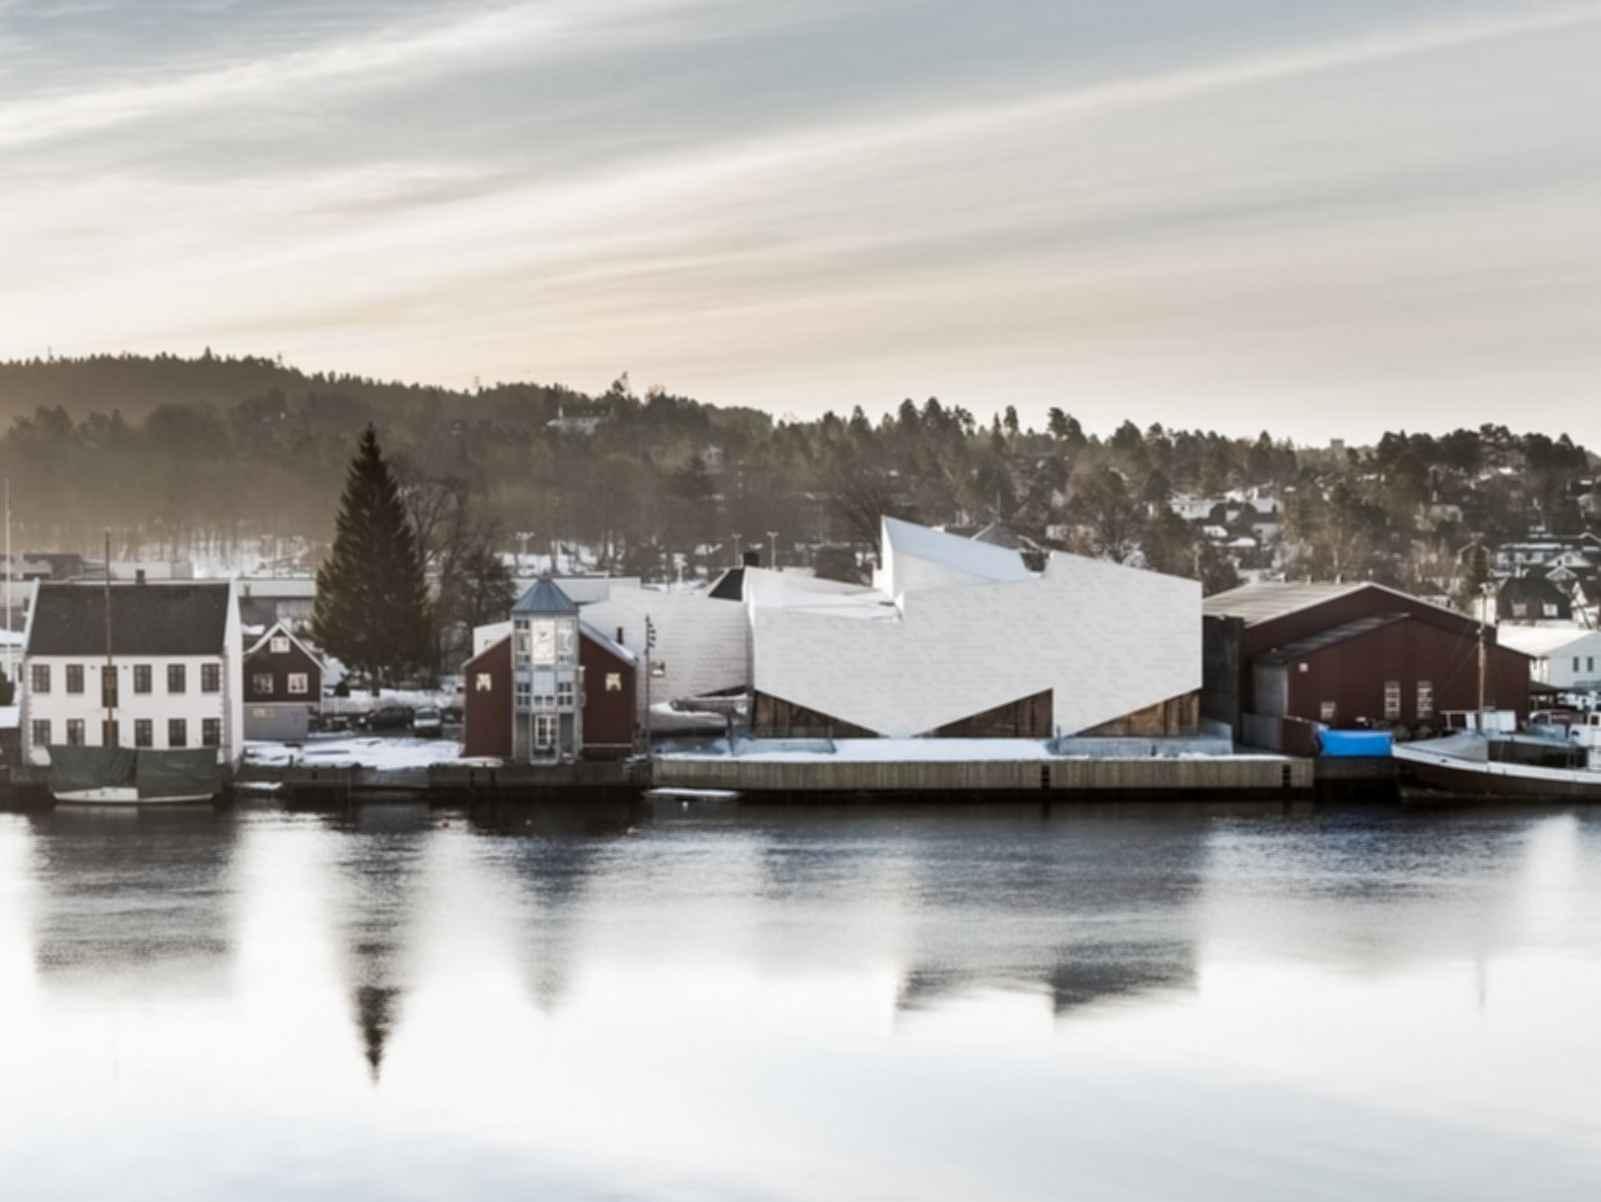 Porsgrunn Maritime Museum - Exterior